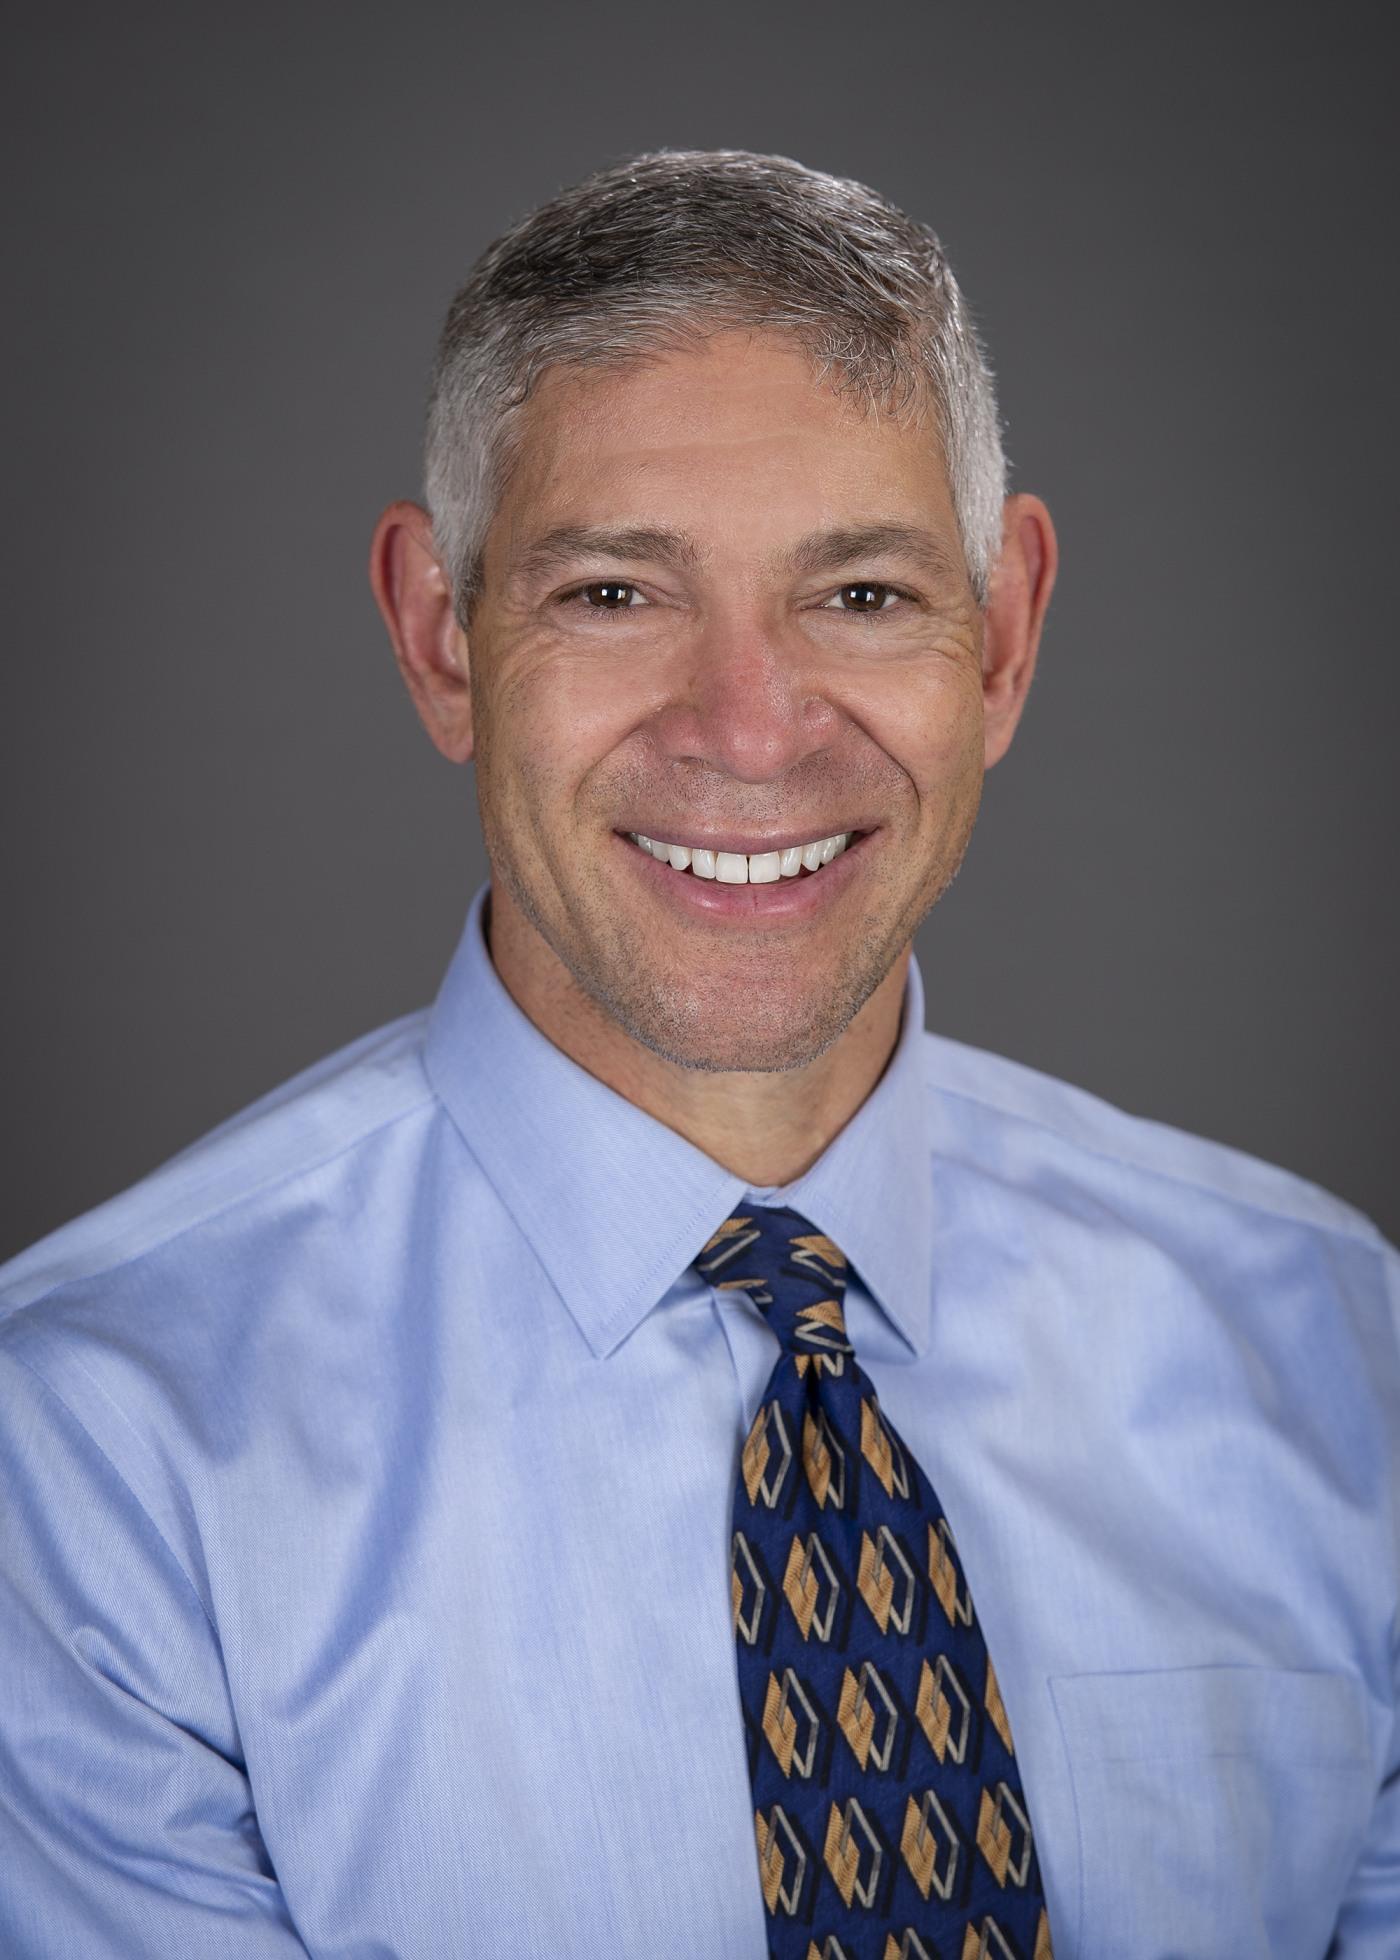 Kevin Billingsley, MD